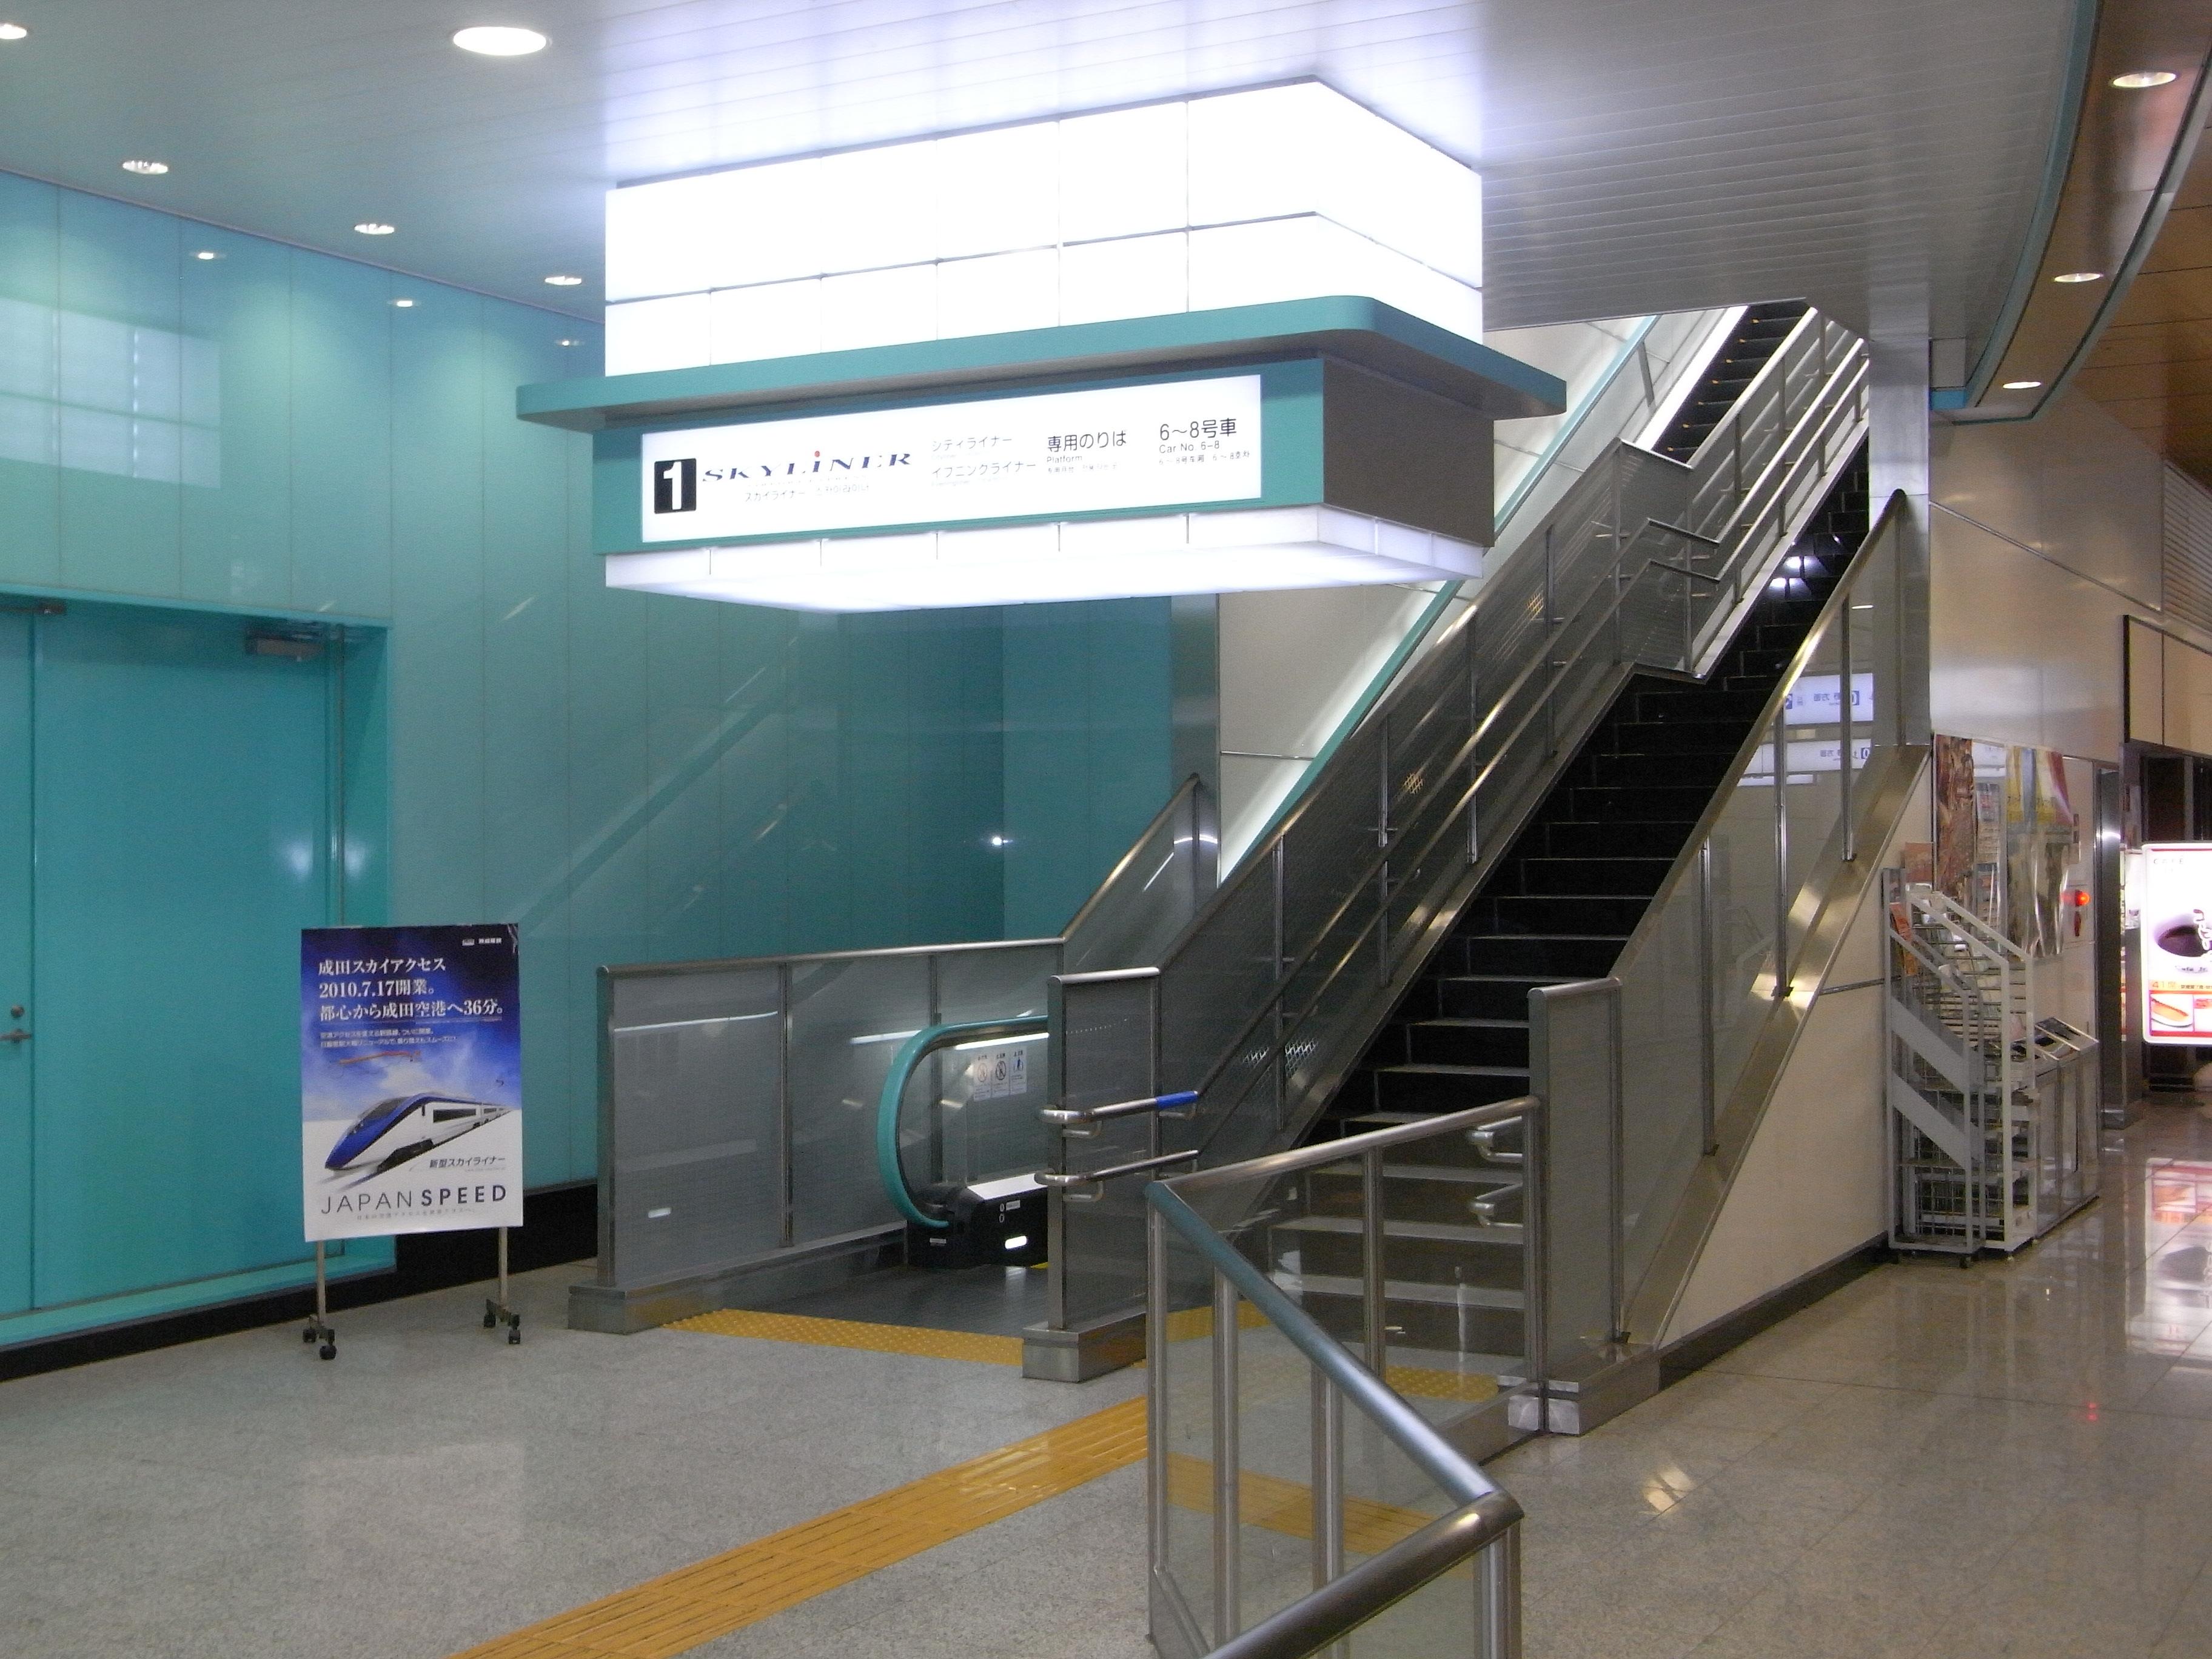 日暮里駅改修工事